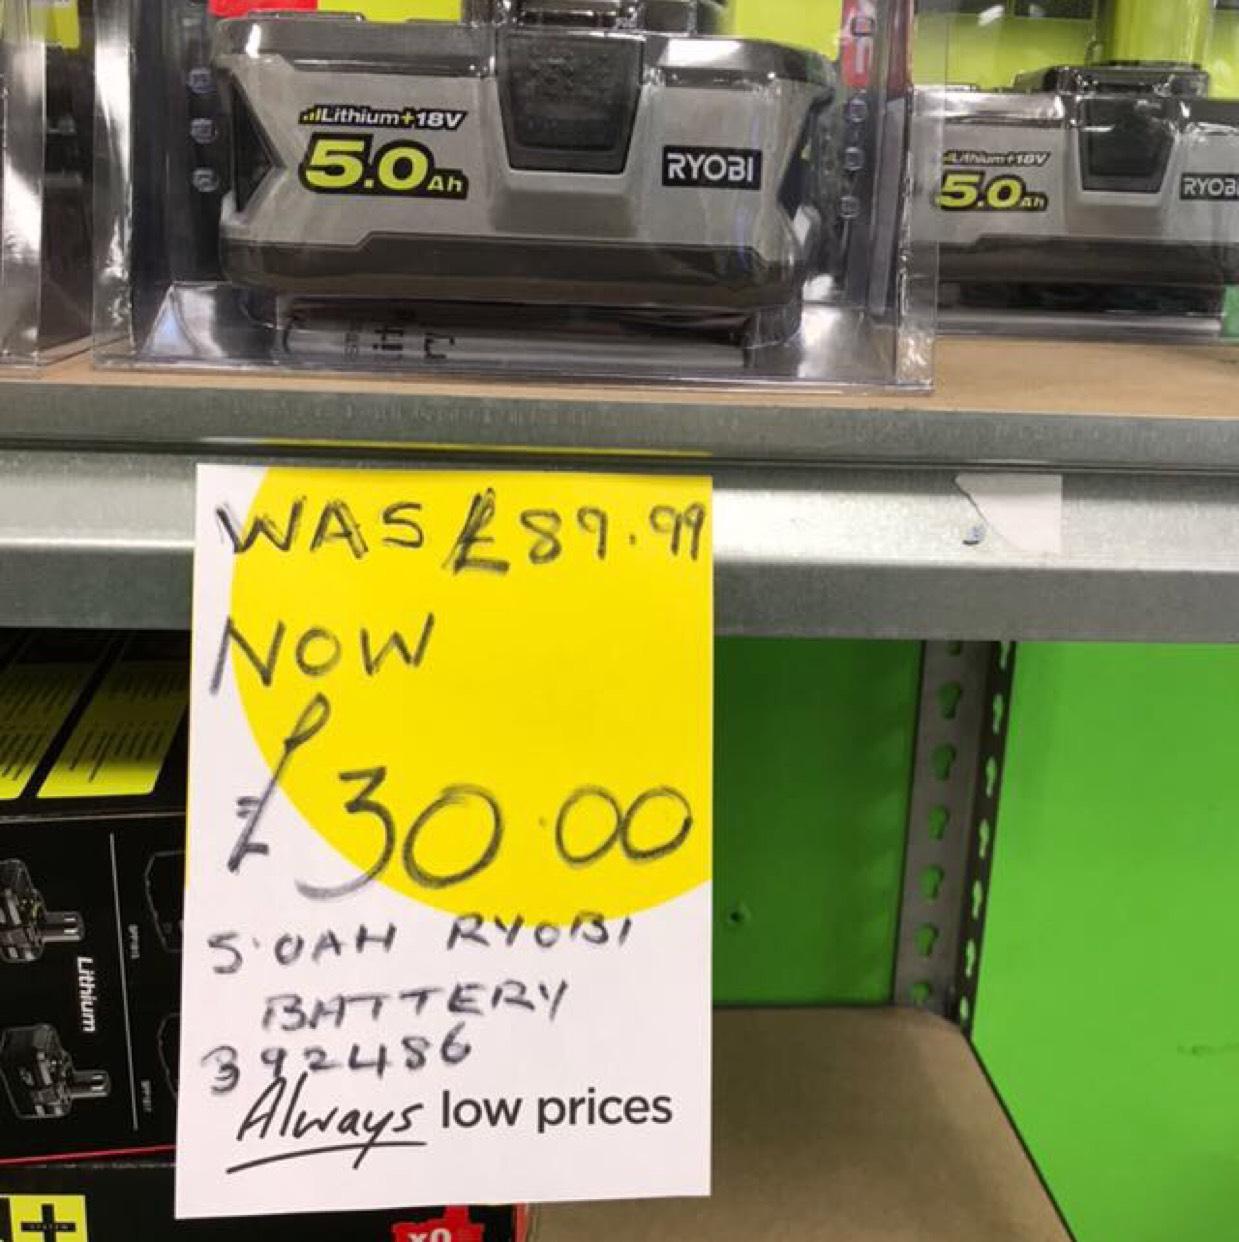 Ryobi 5.0ah battery - £30 instore @ Homebase